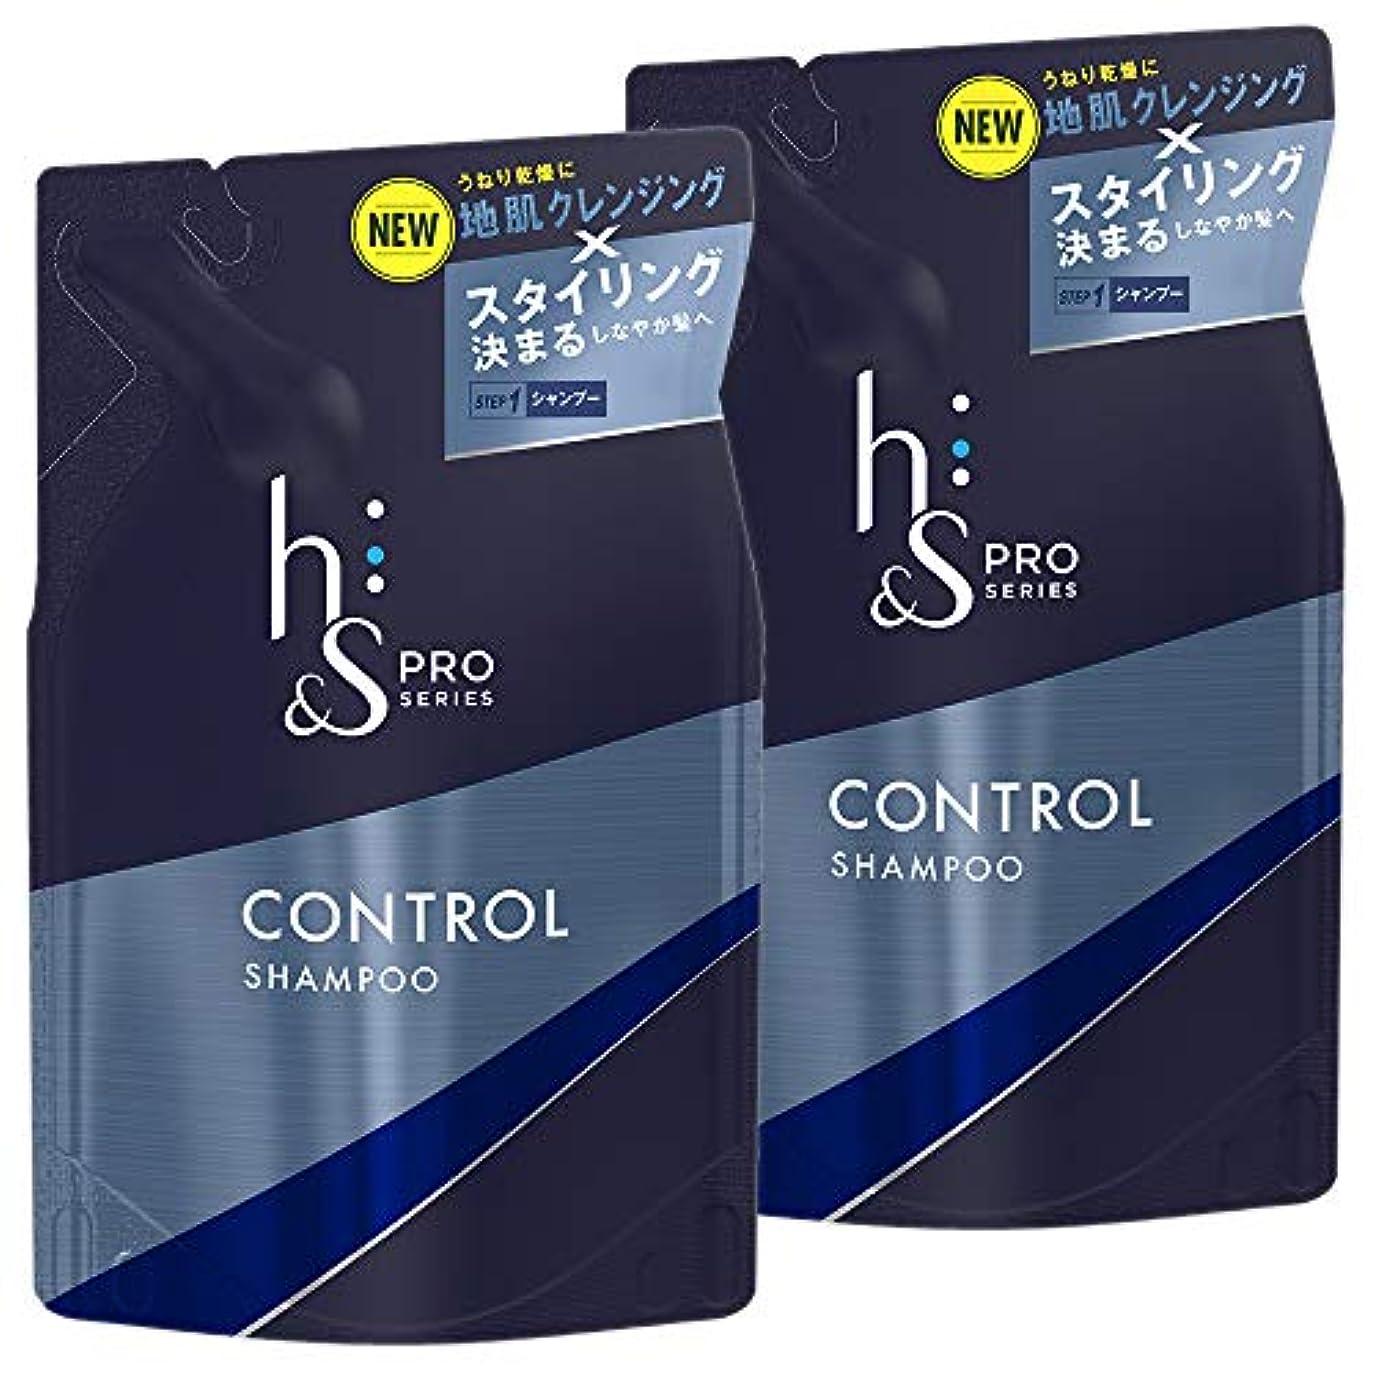 彼女のハンマーまつげ【まとめ買い】 h&s for men シャンプー PRO Series コントロール 詰め替え 300mL×2個